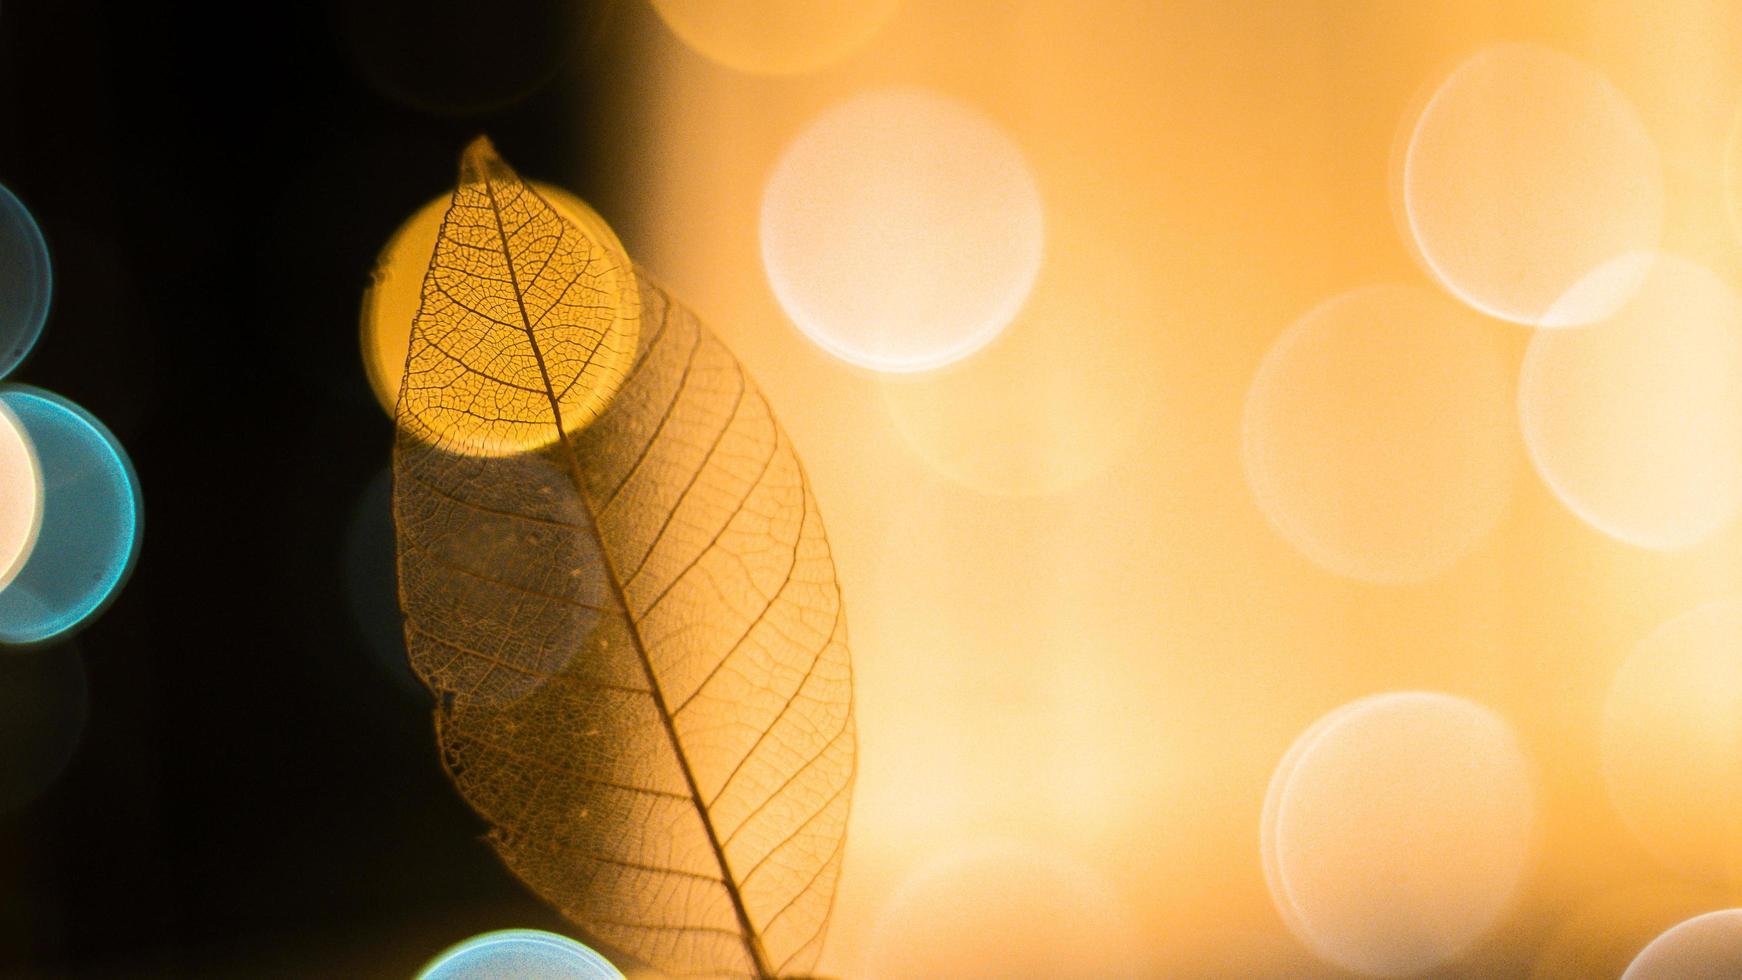 transparant skeletblad met mooie textuur op een lichte achtergrond foto